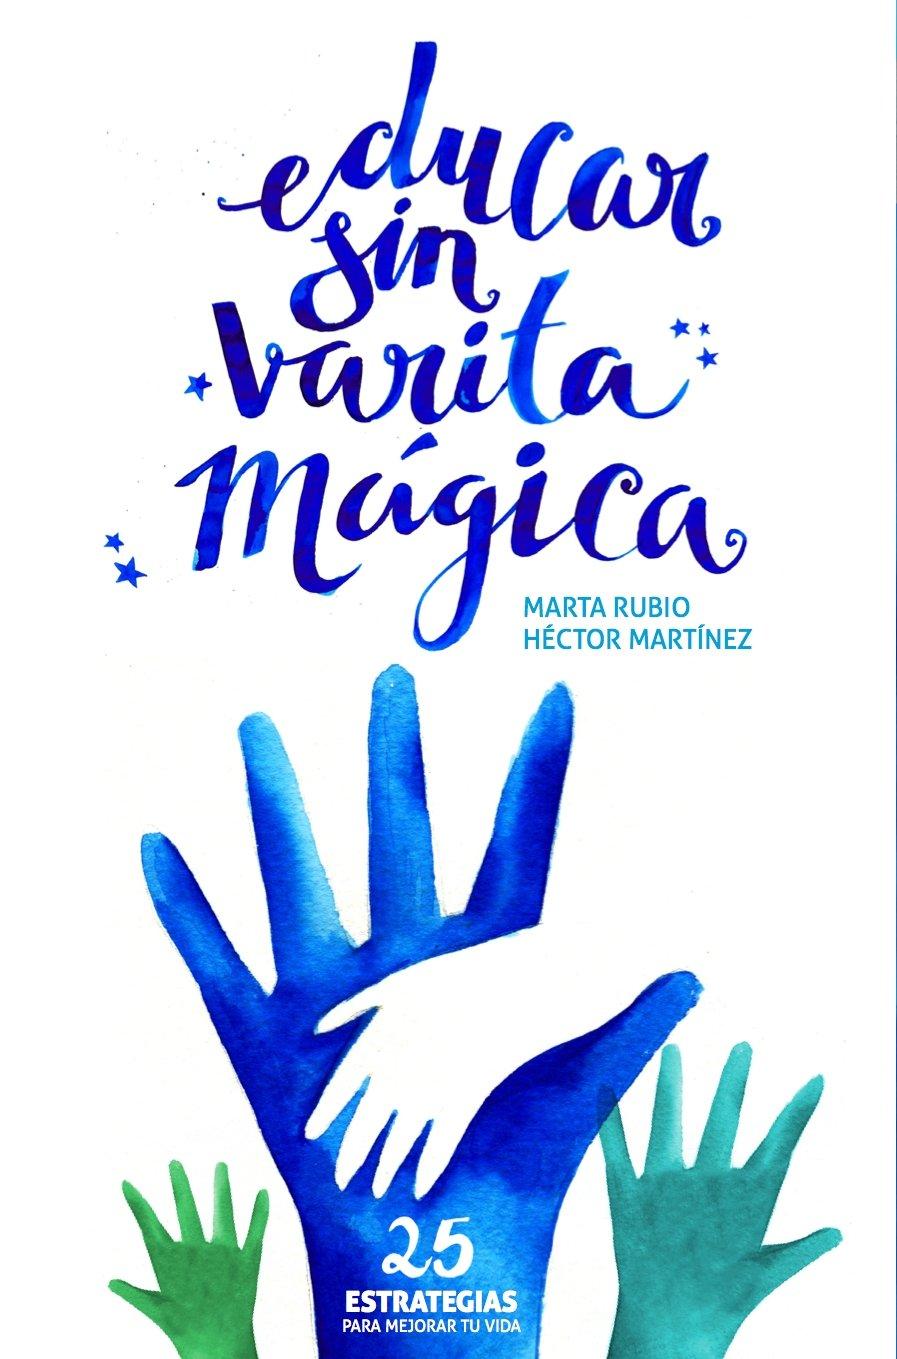 Educar sin varita mágica de Marta Rubio y Héctor Martínez